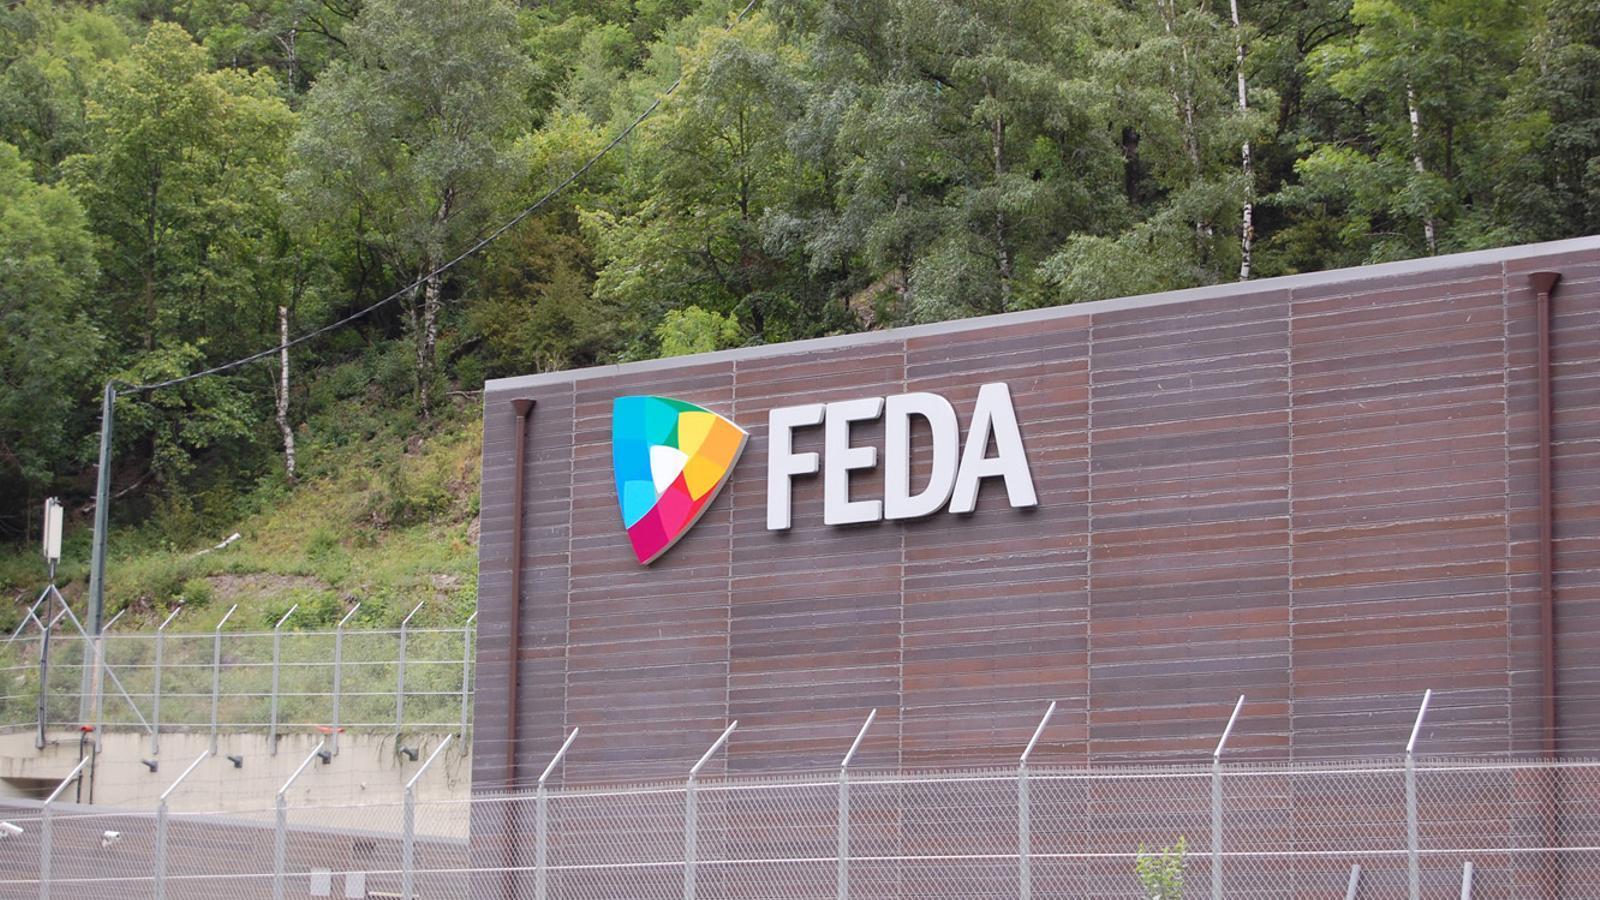 La central de FEDA. / ARXIU ANA